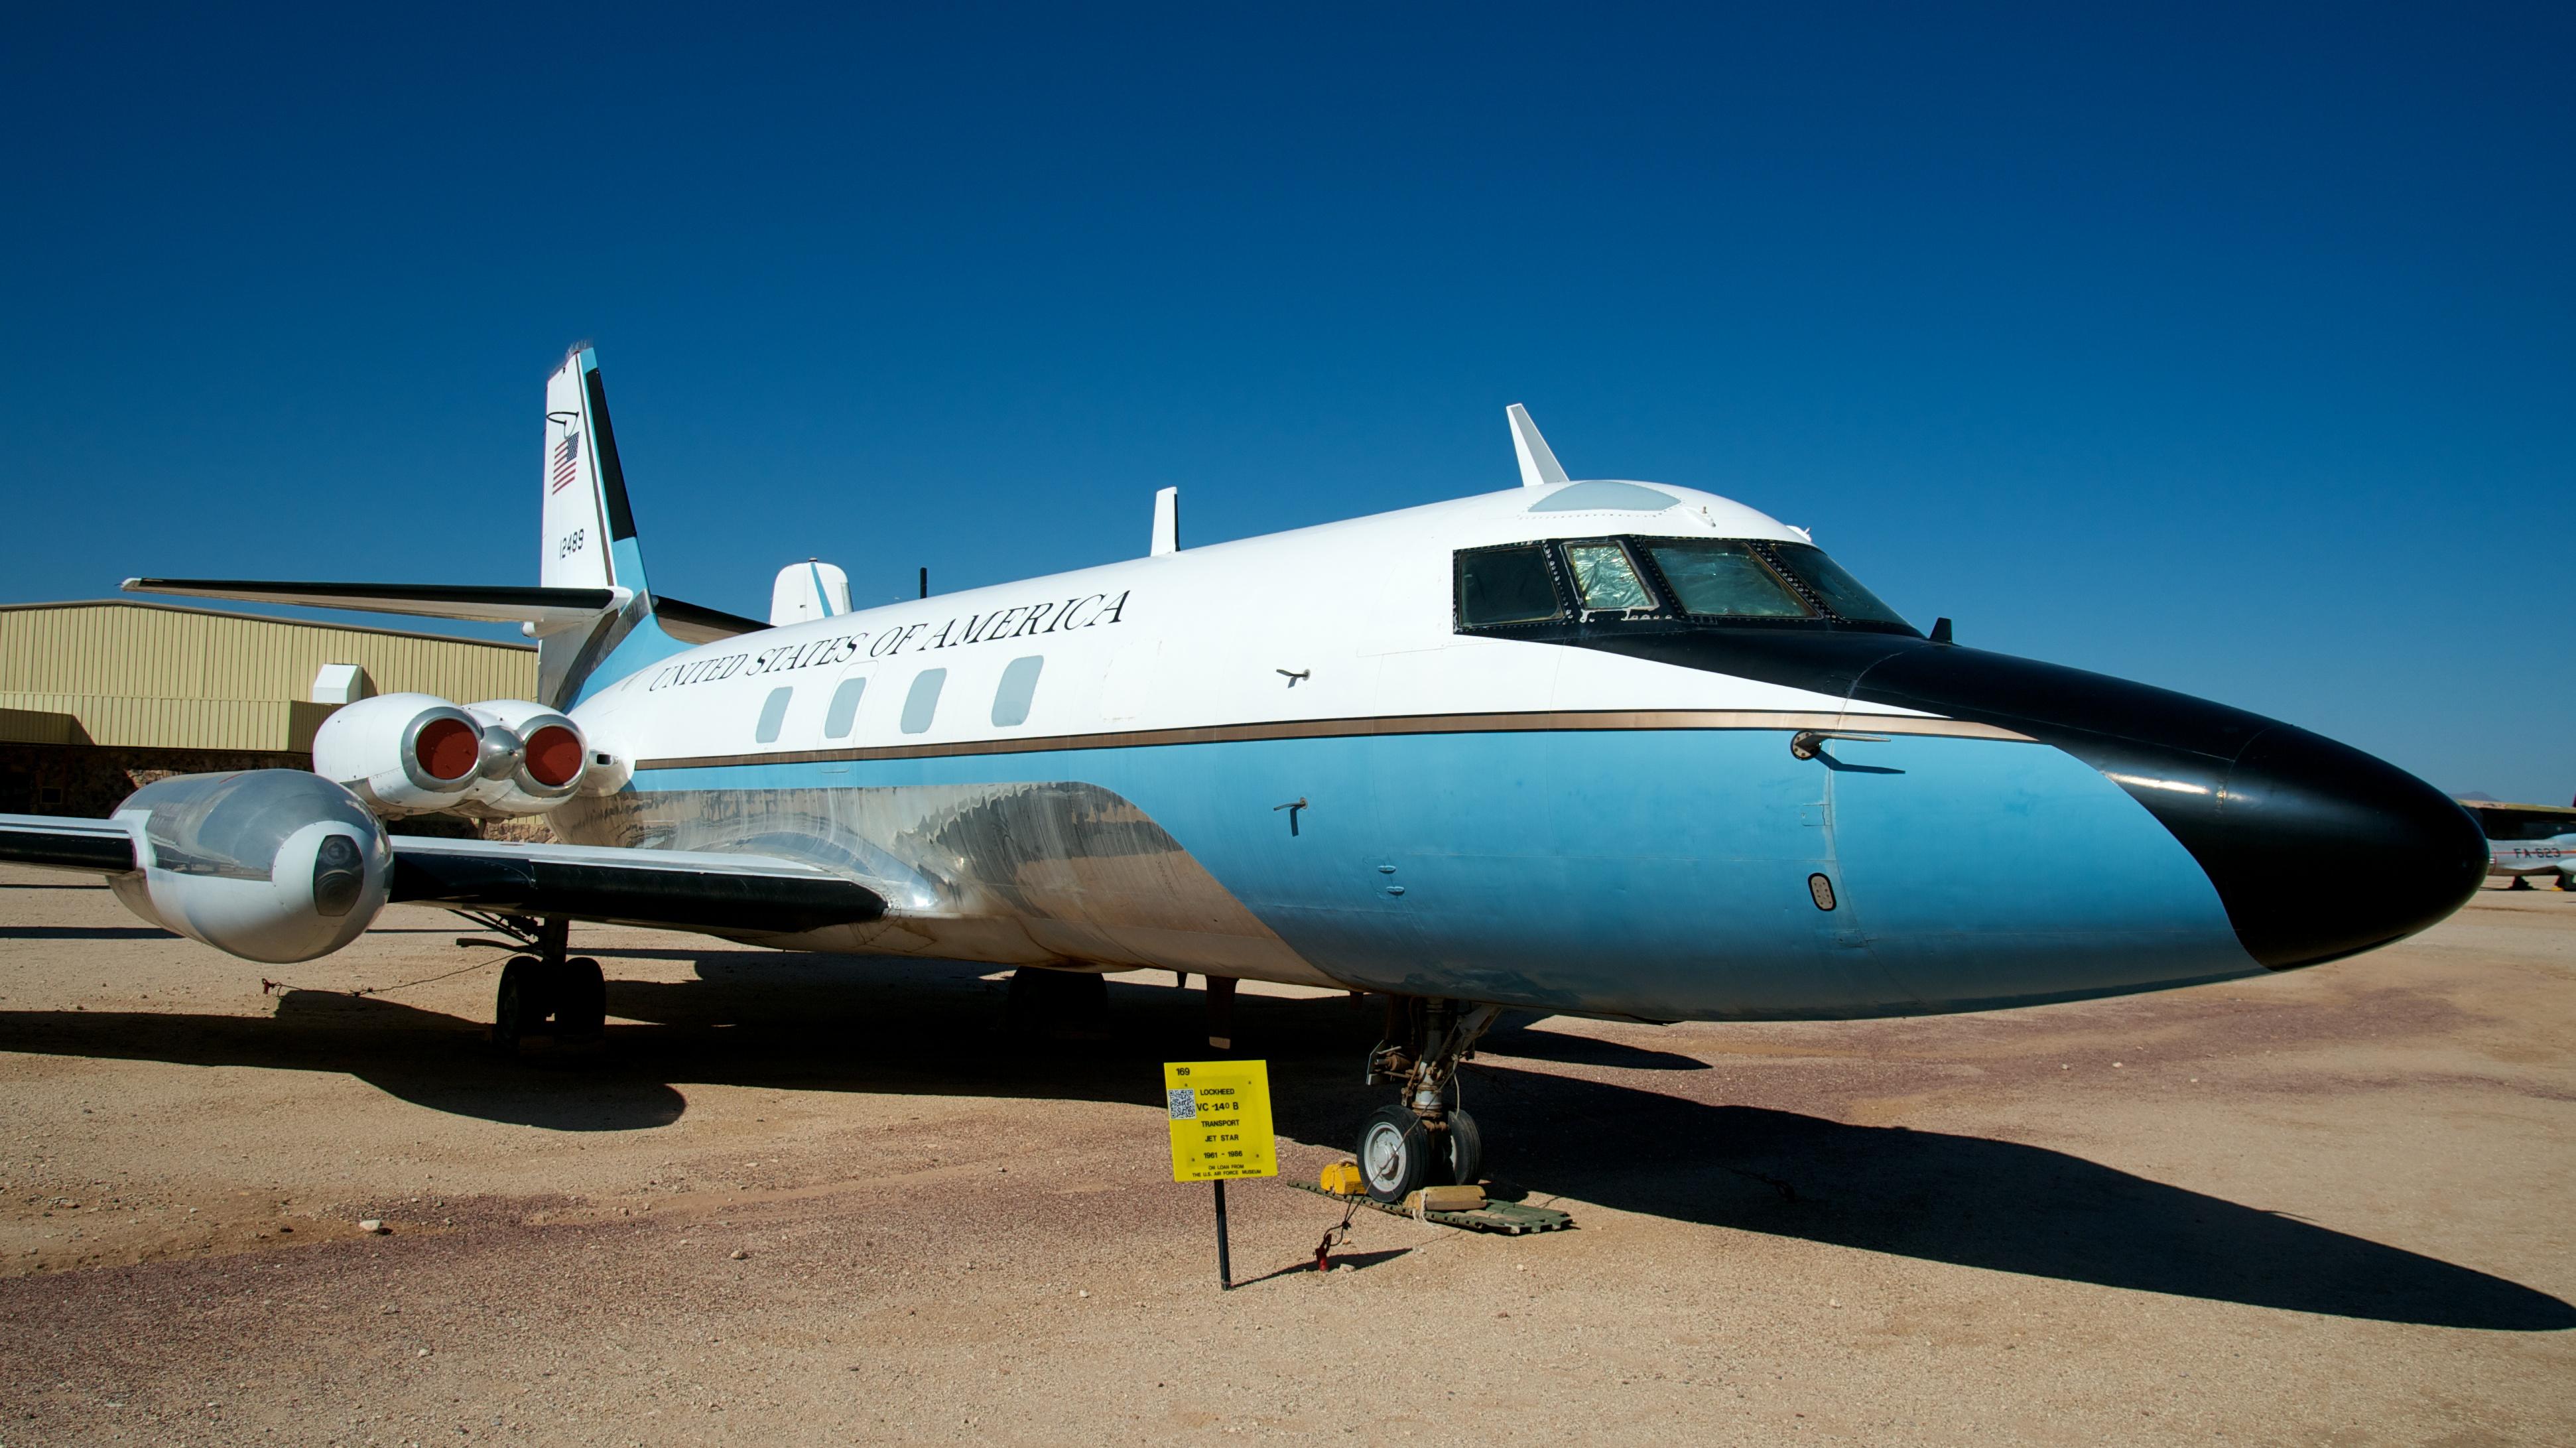 File:Lockheed VC-140B Jetstar 61-2489 (8042352091).jpg